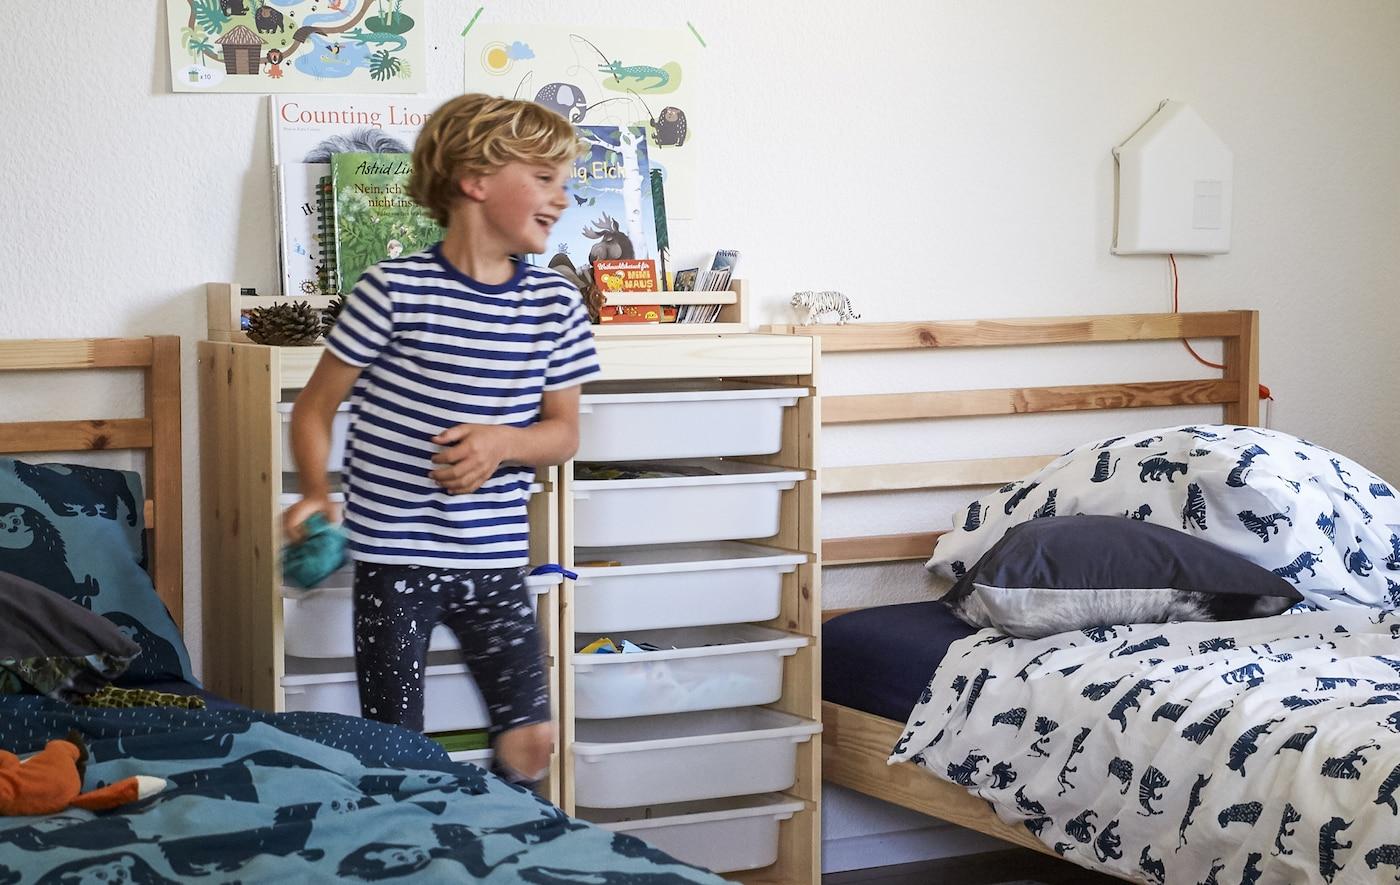 Un niño en un dormitorio infantil con dos camas, almacenaje de madera y textiles estampados.